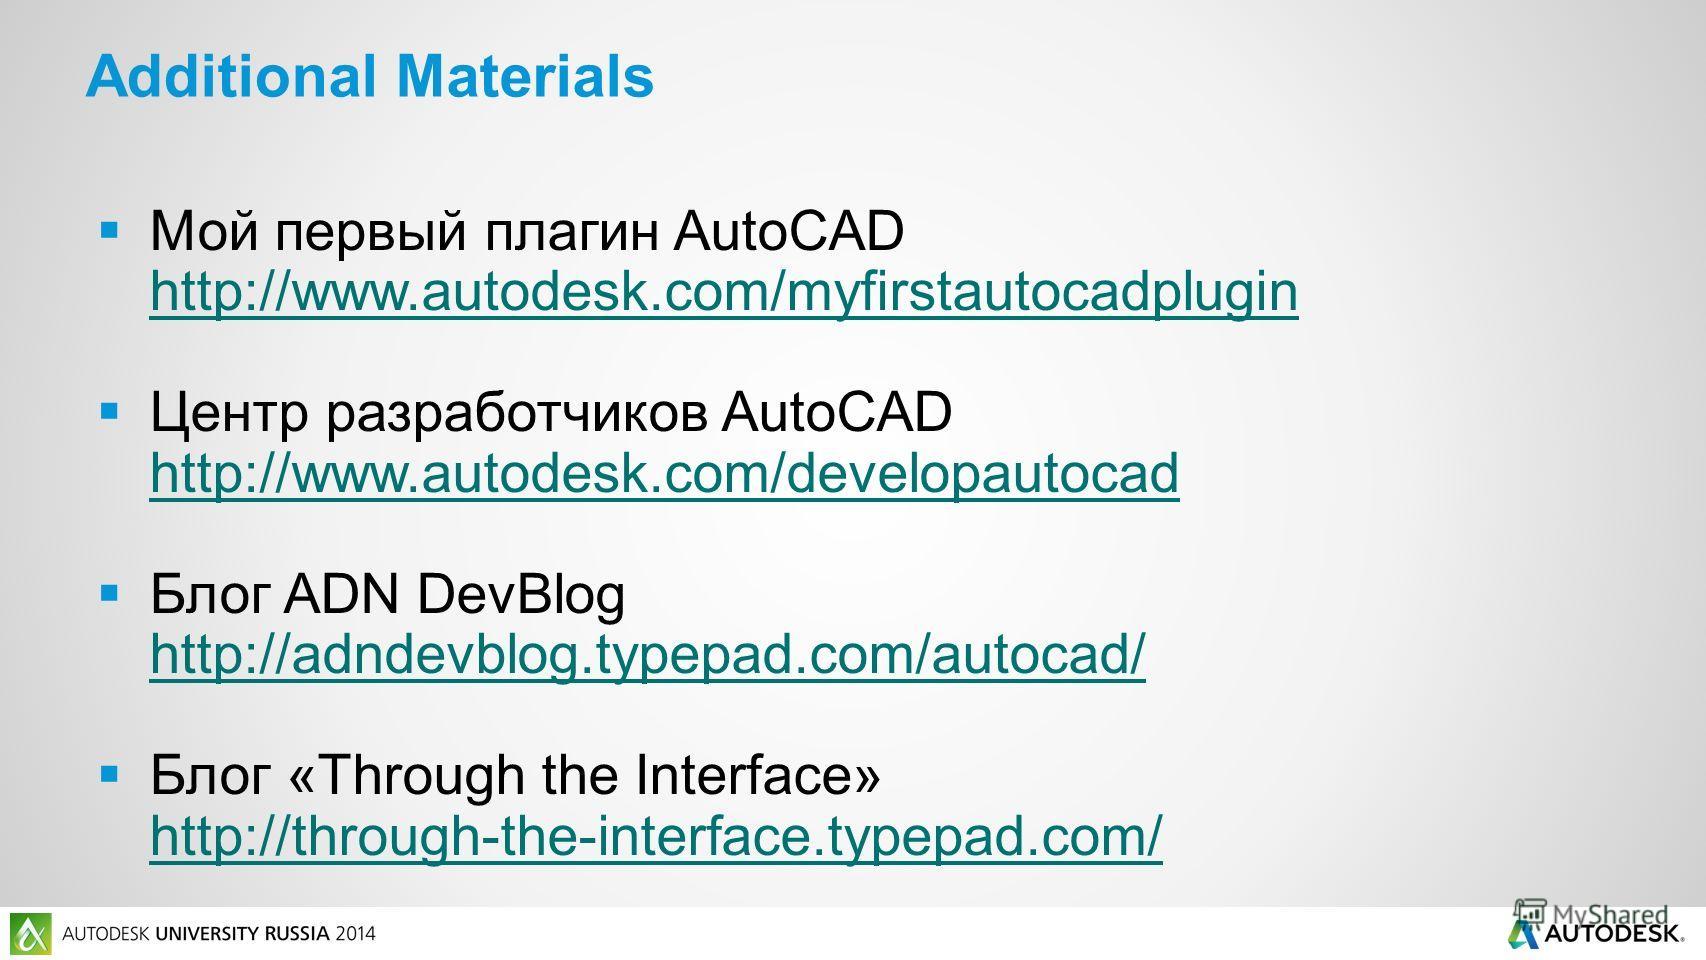 Мой первый плагин AutoCAD http://www.autodesk.com/myfirstautocadplugin http://www.autodesk.com/myfirstautocadplugin Центр разработчиков AutoCAD http://www.autodesk.com/developautocad http://www.autodesk.com/developautocad Блог ADN DevBlog http://adnd